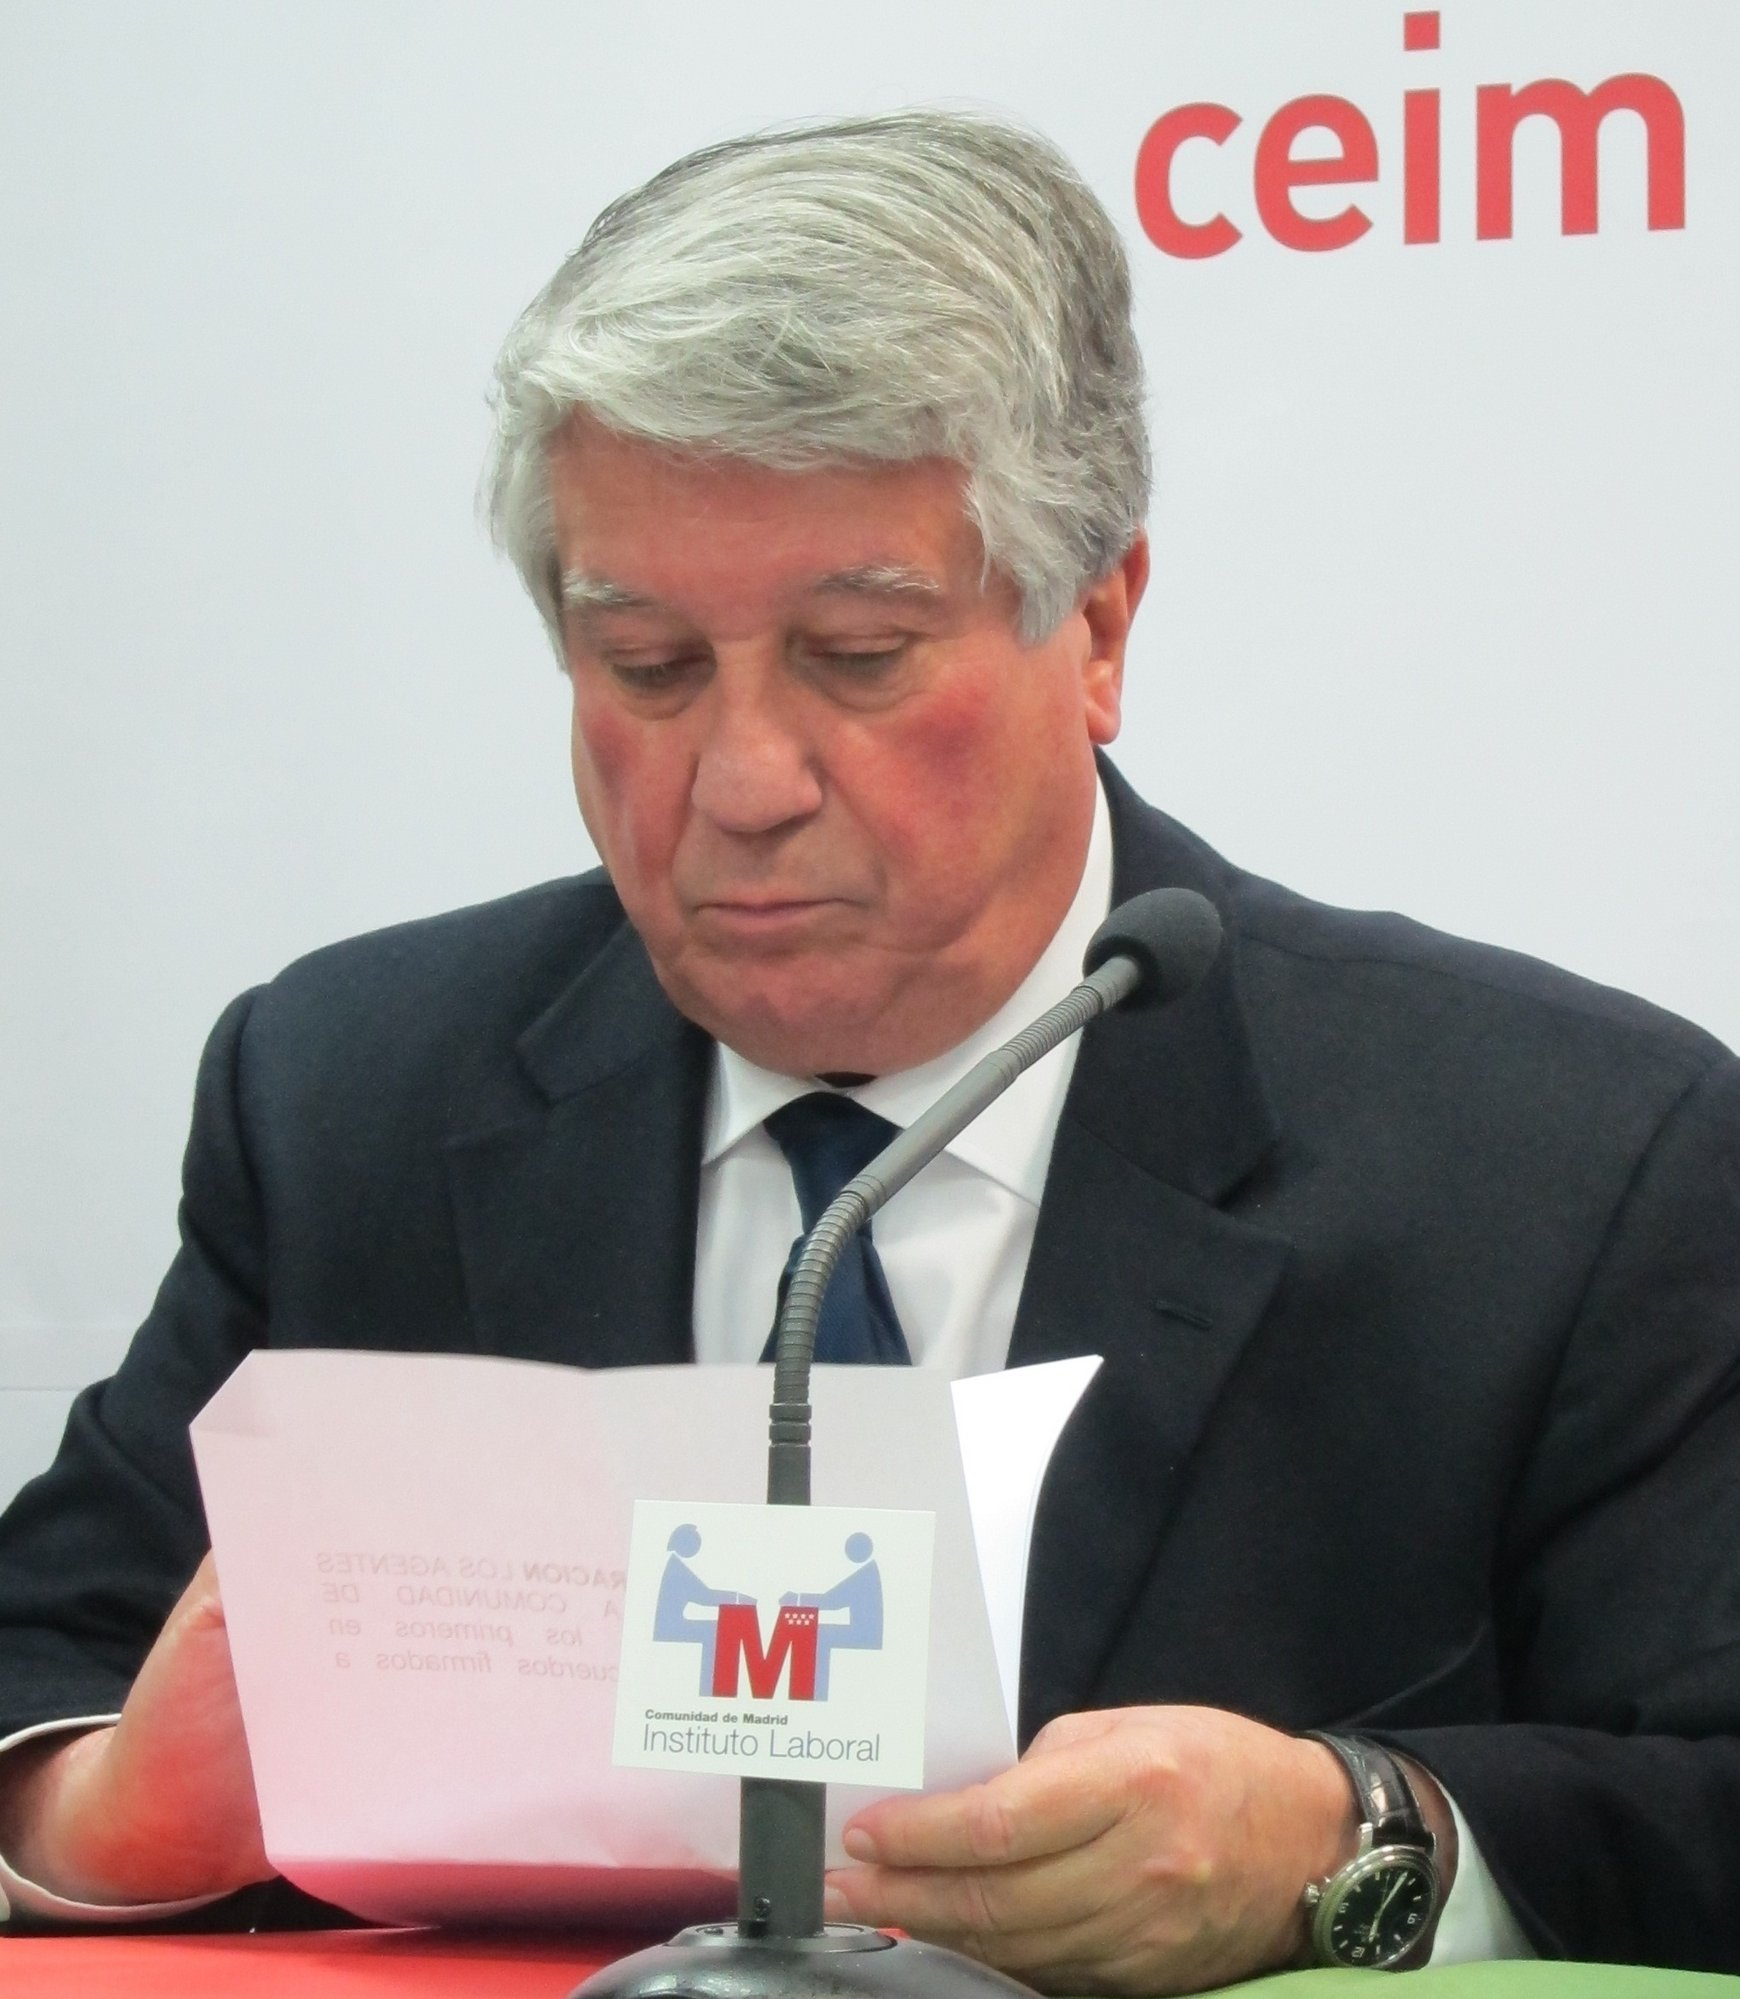 Los empresarios de Madrid proponen una serie de medidas para modernizar el sistema tributario y reducir la carga fiscal